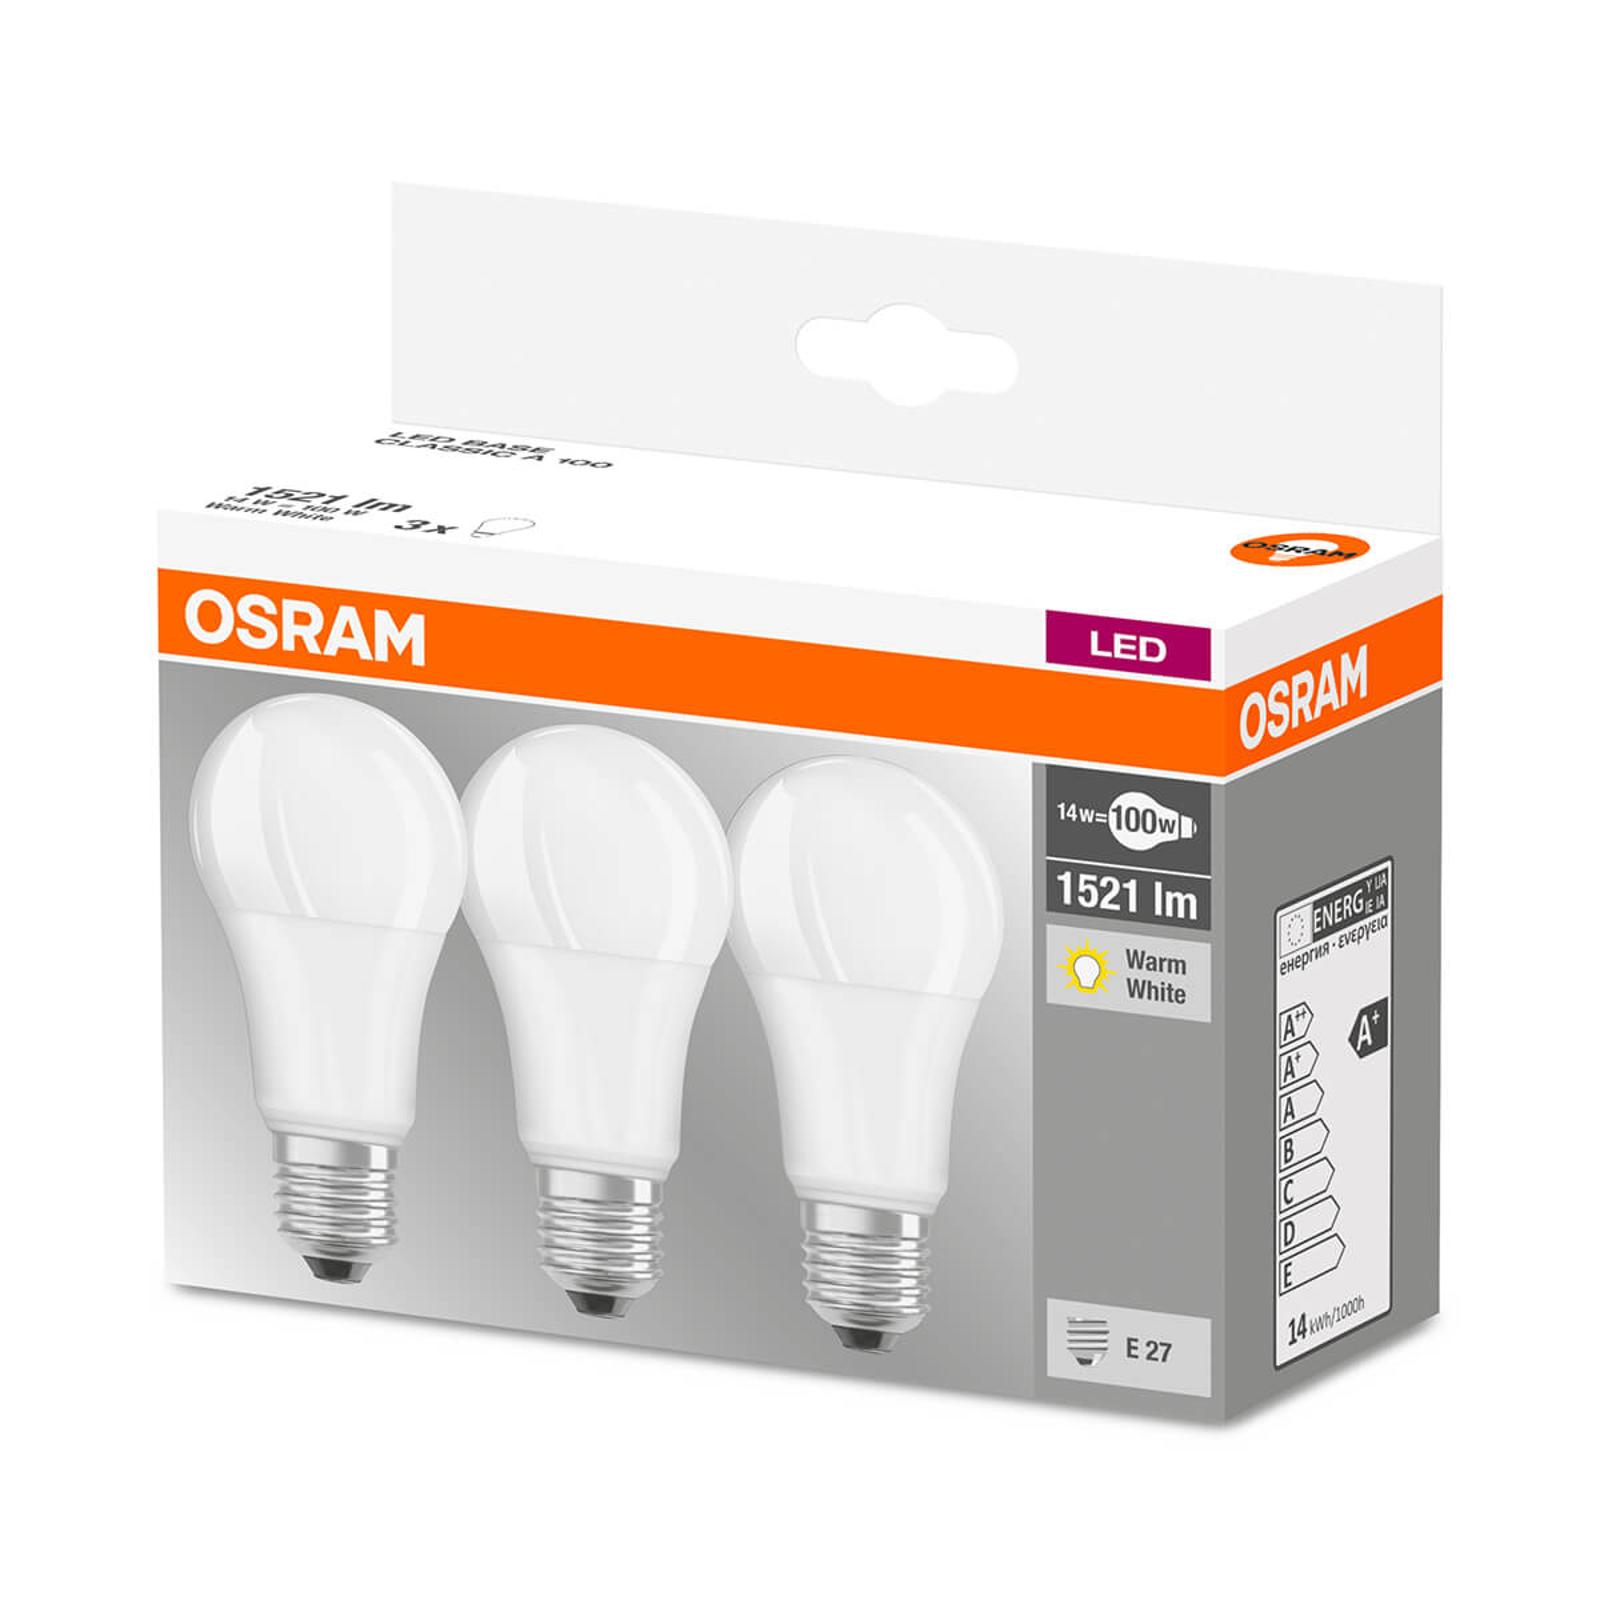 LED-pære E27 14 W, varmhvit, 3-pakk